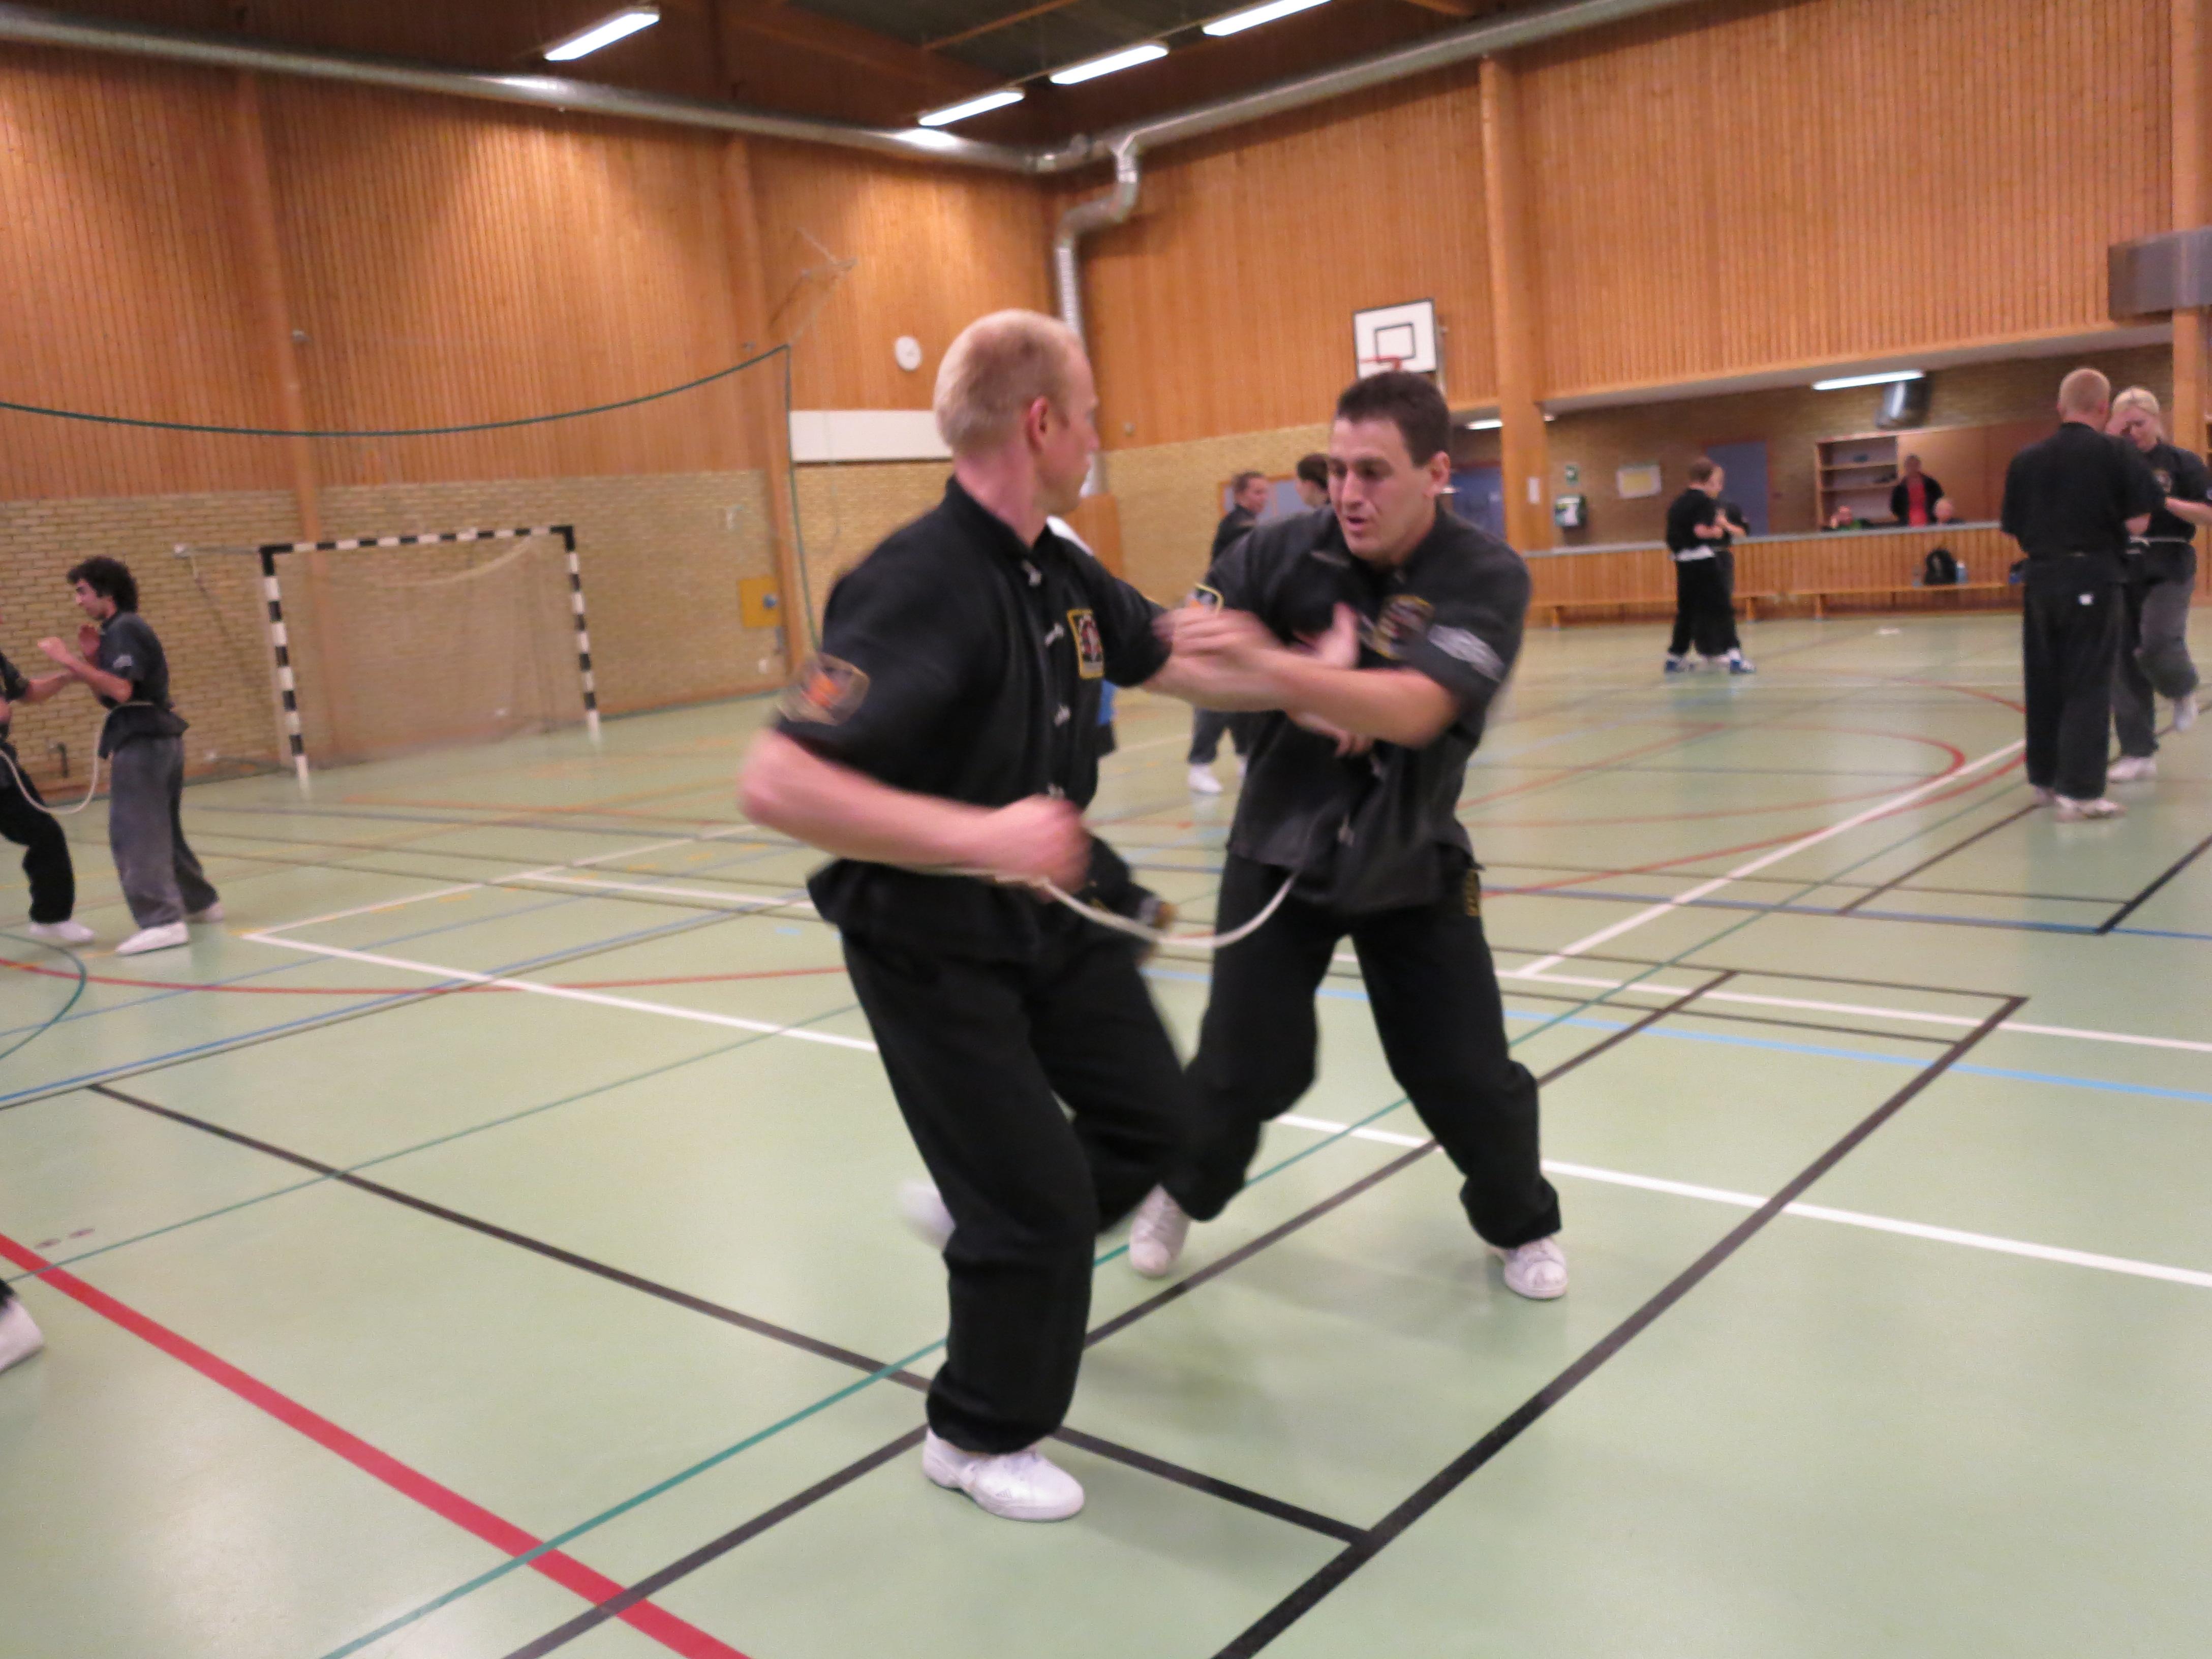 Kung fu, kampsport, träning, skövde